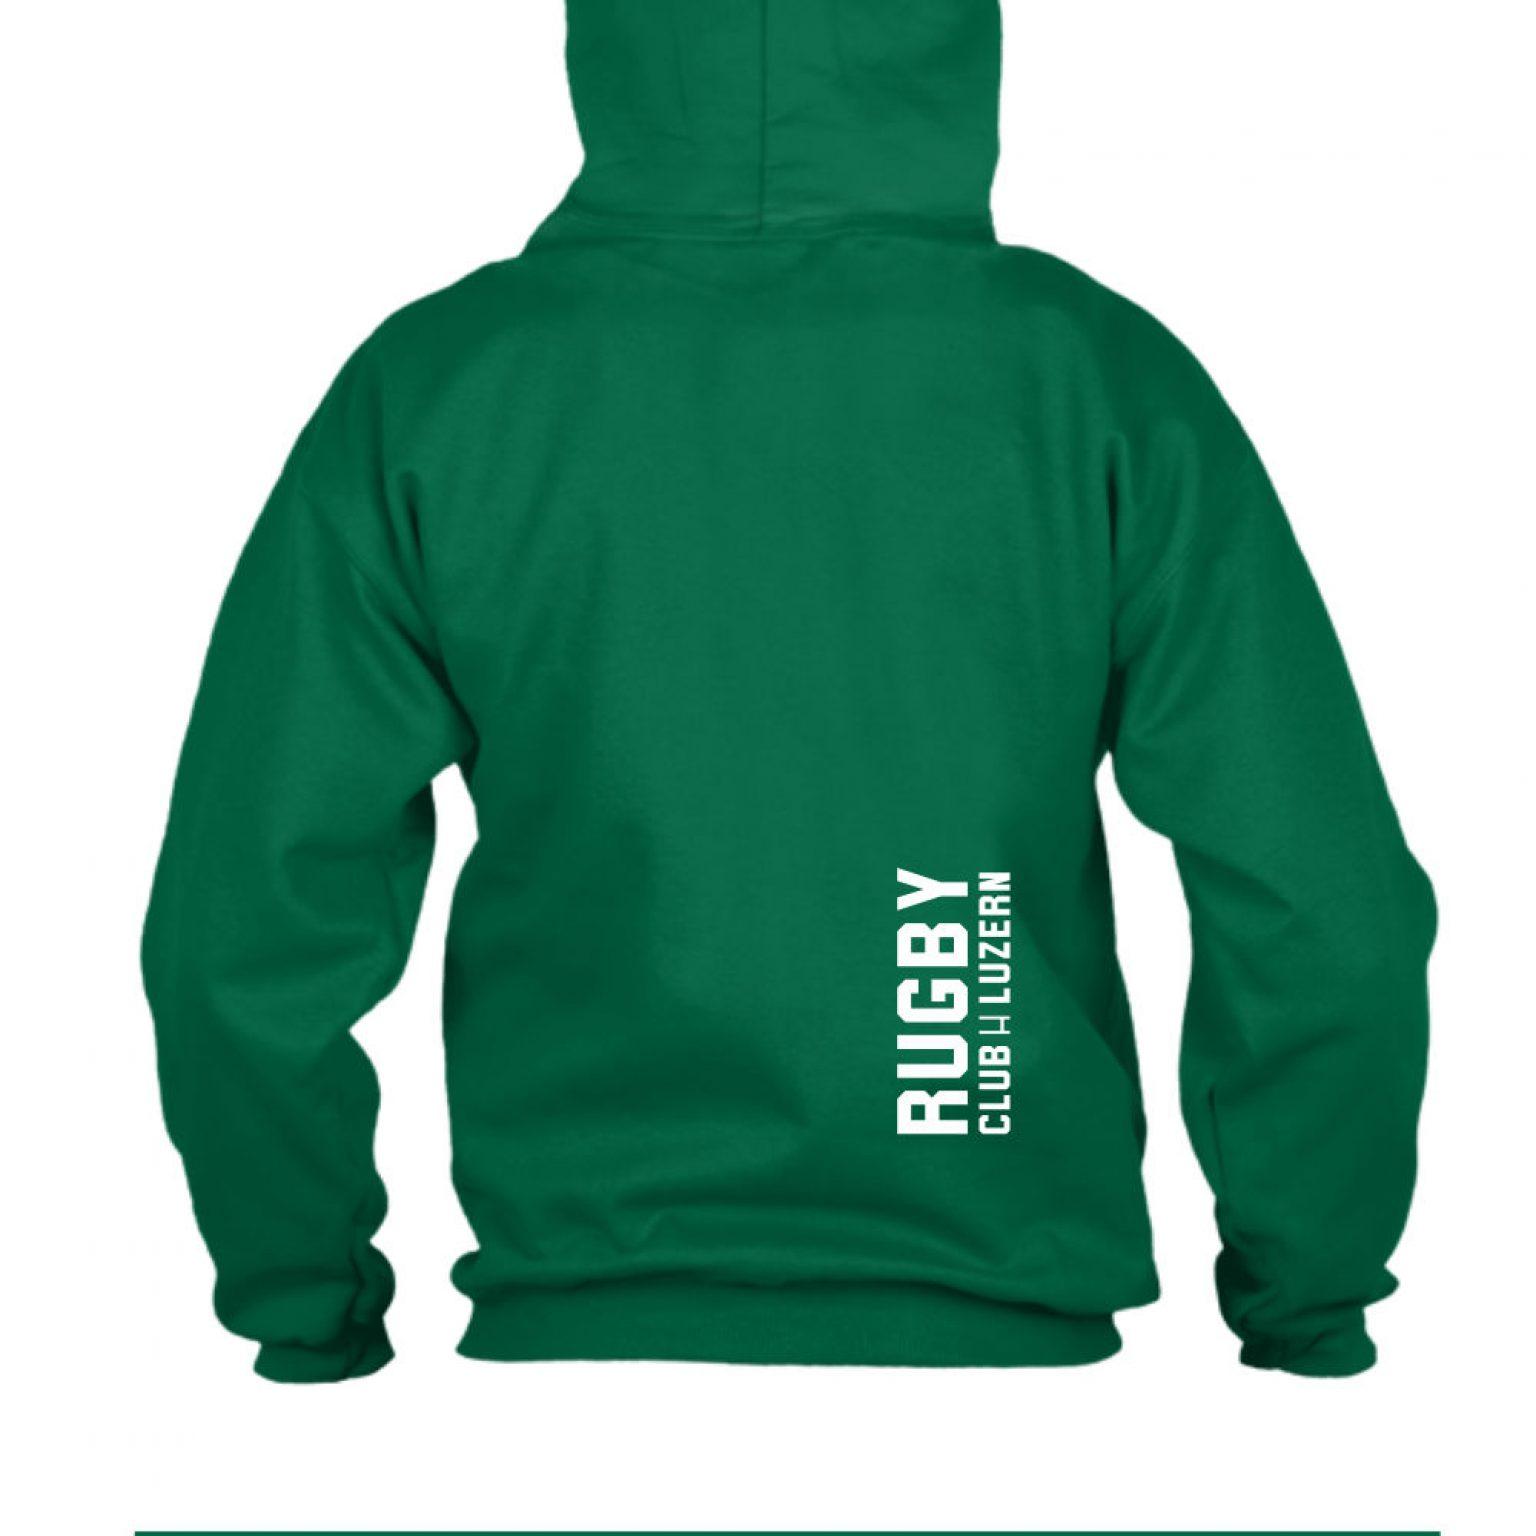 hoodie herren back green